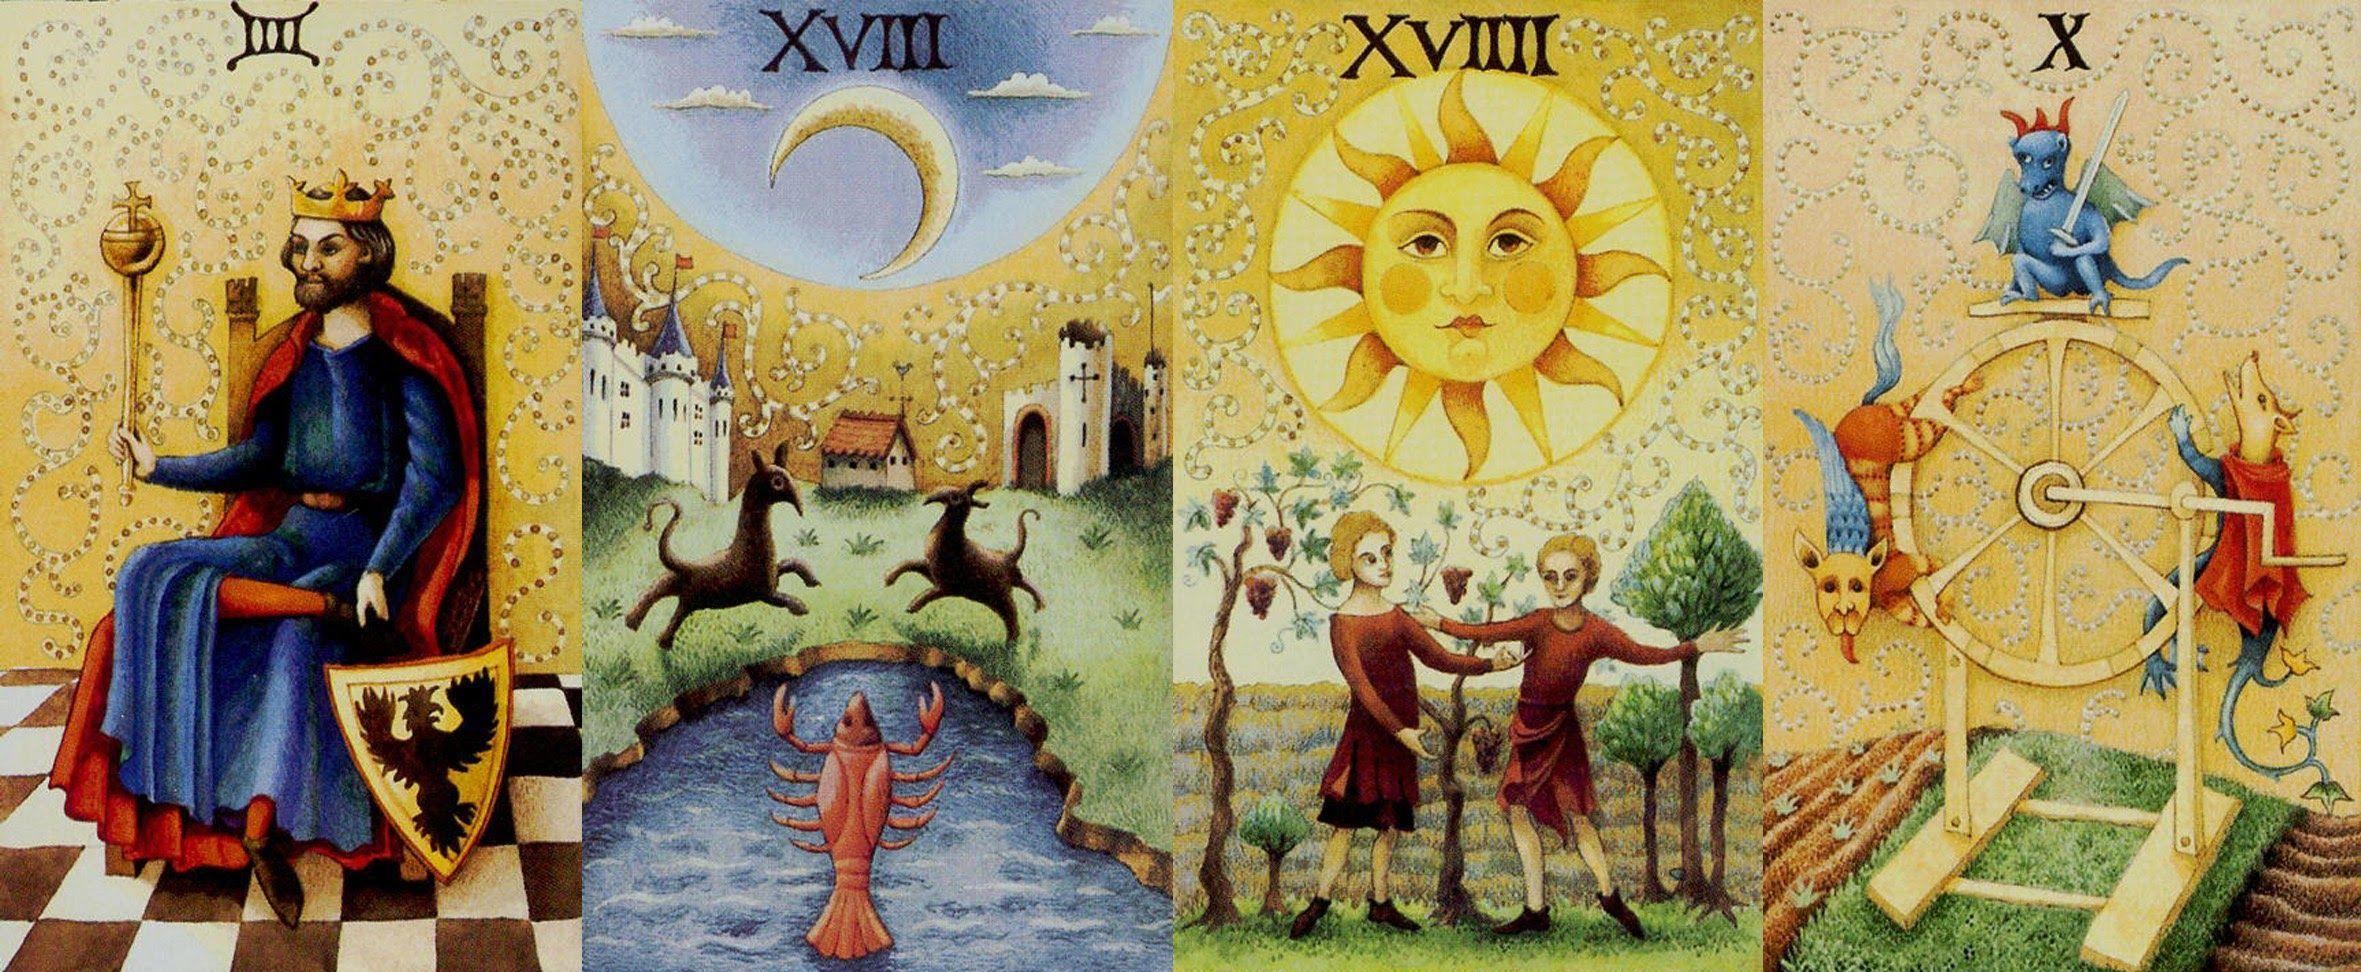 Tarot card meanings major arcana tarot cards tarot